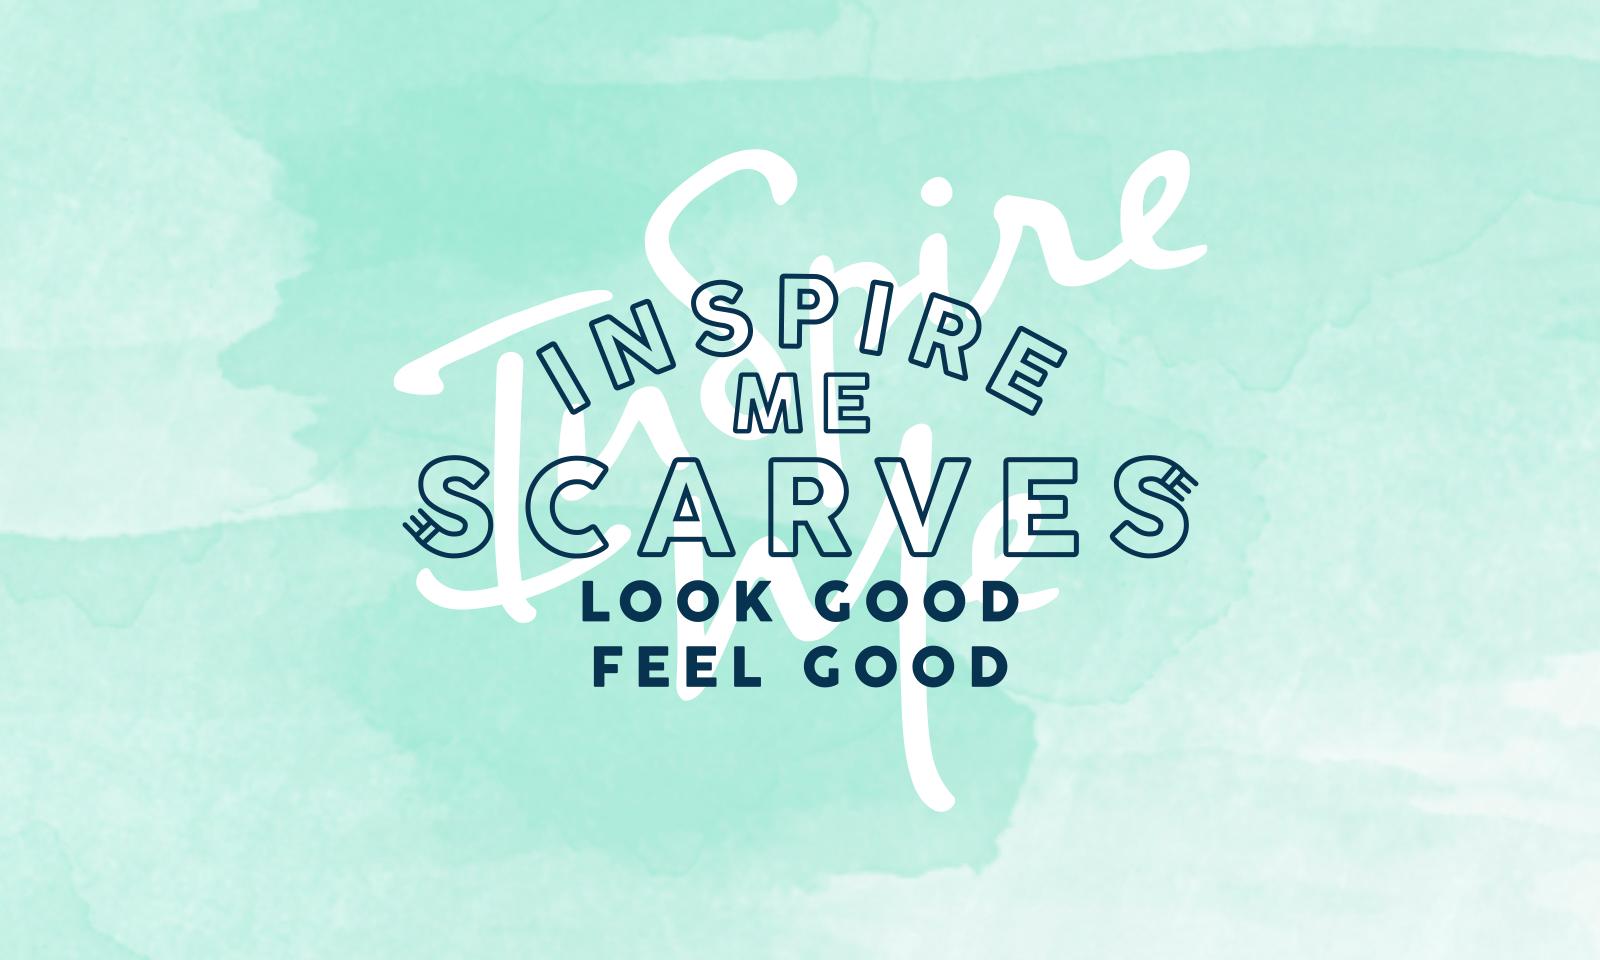 inspire-me-scarves-Logo-Ben-Rummel-Design.png